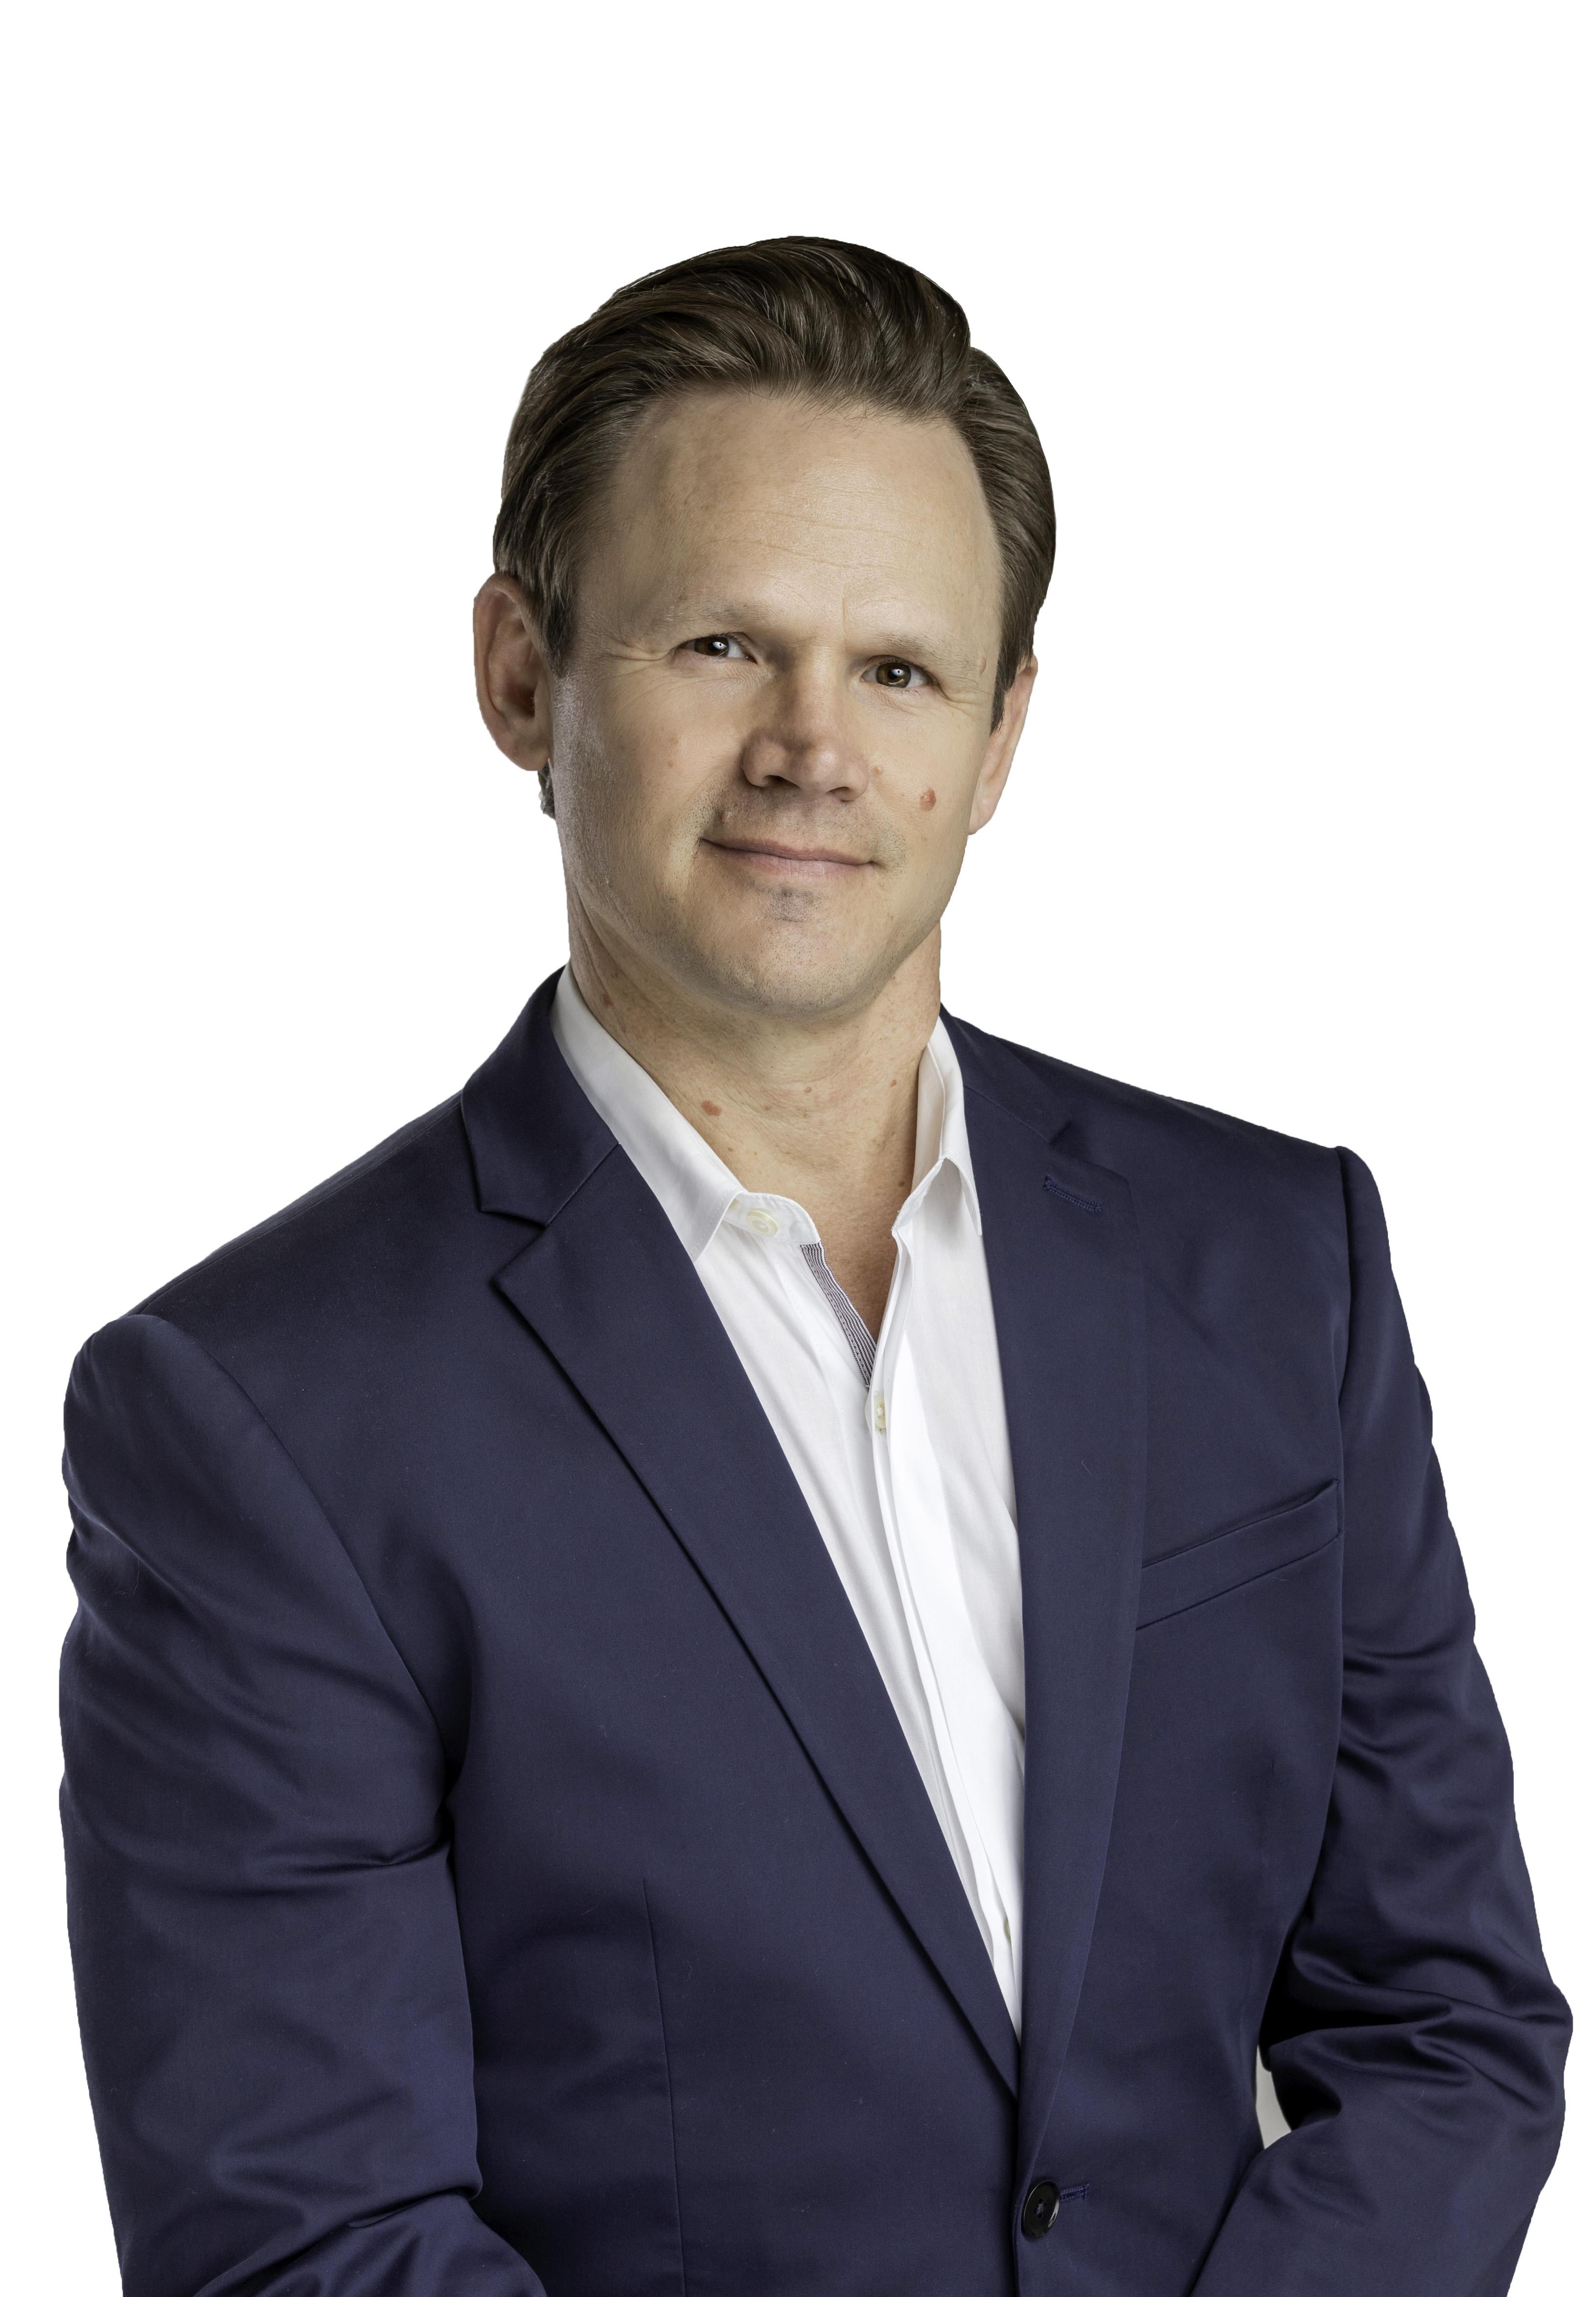 Mr. Blair M Enfield